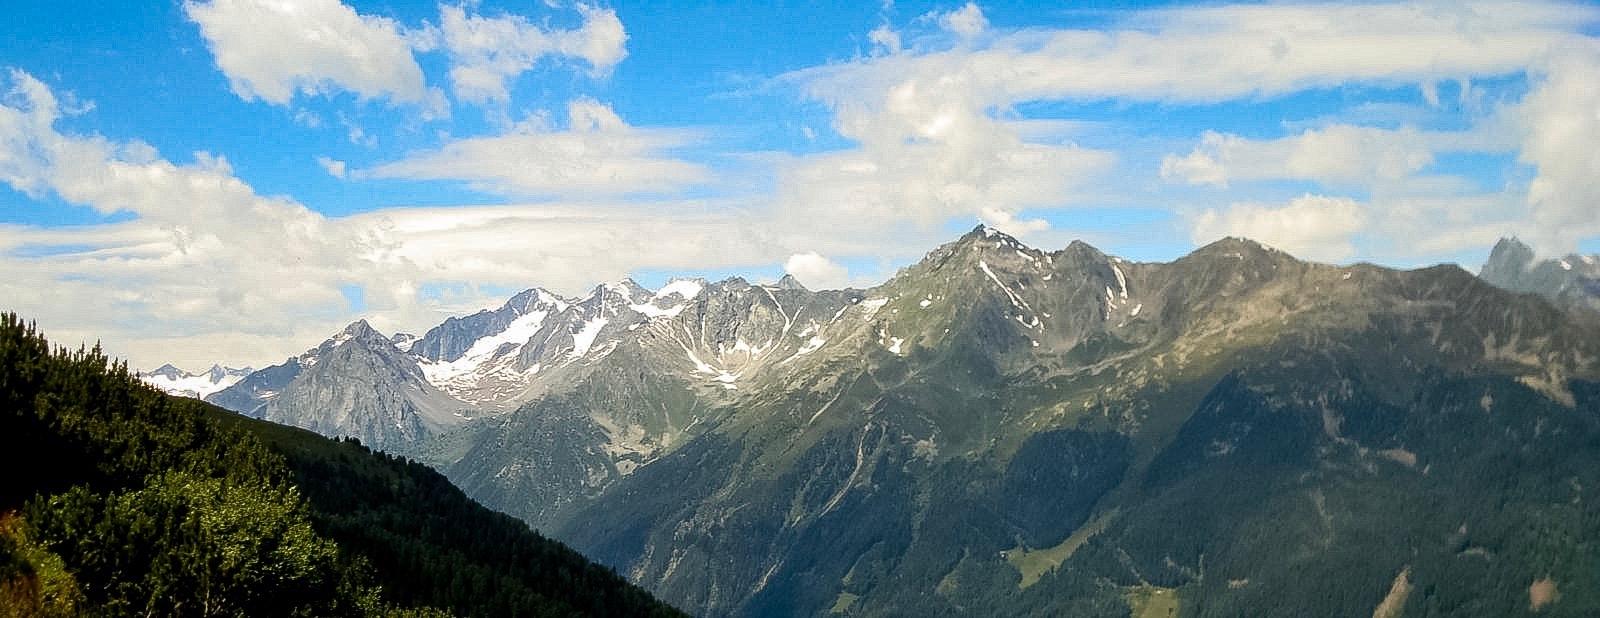 View from the Stubai Alps, Austria